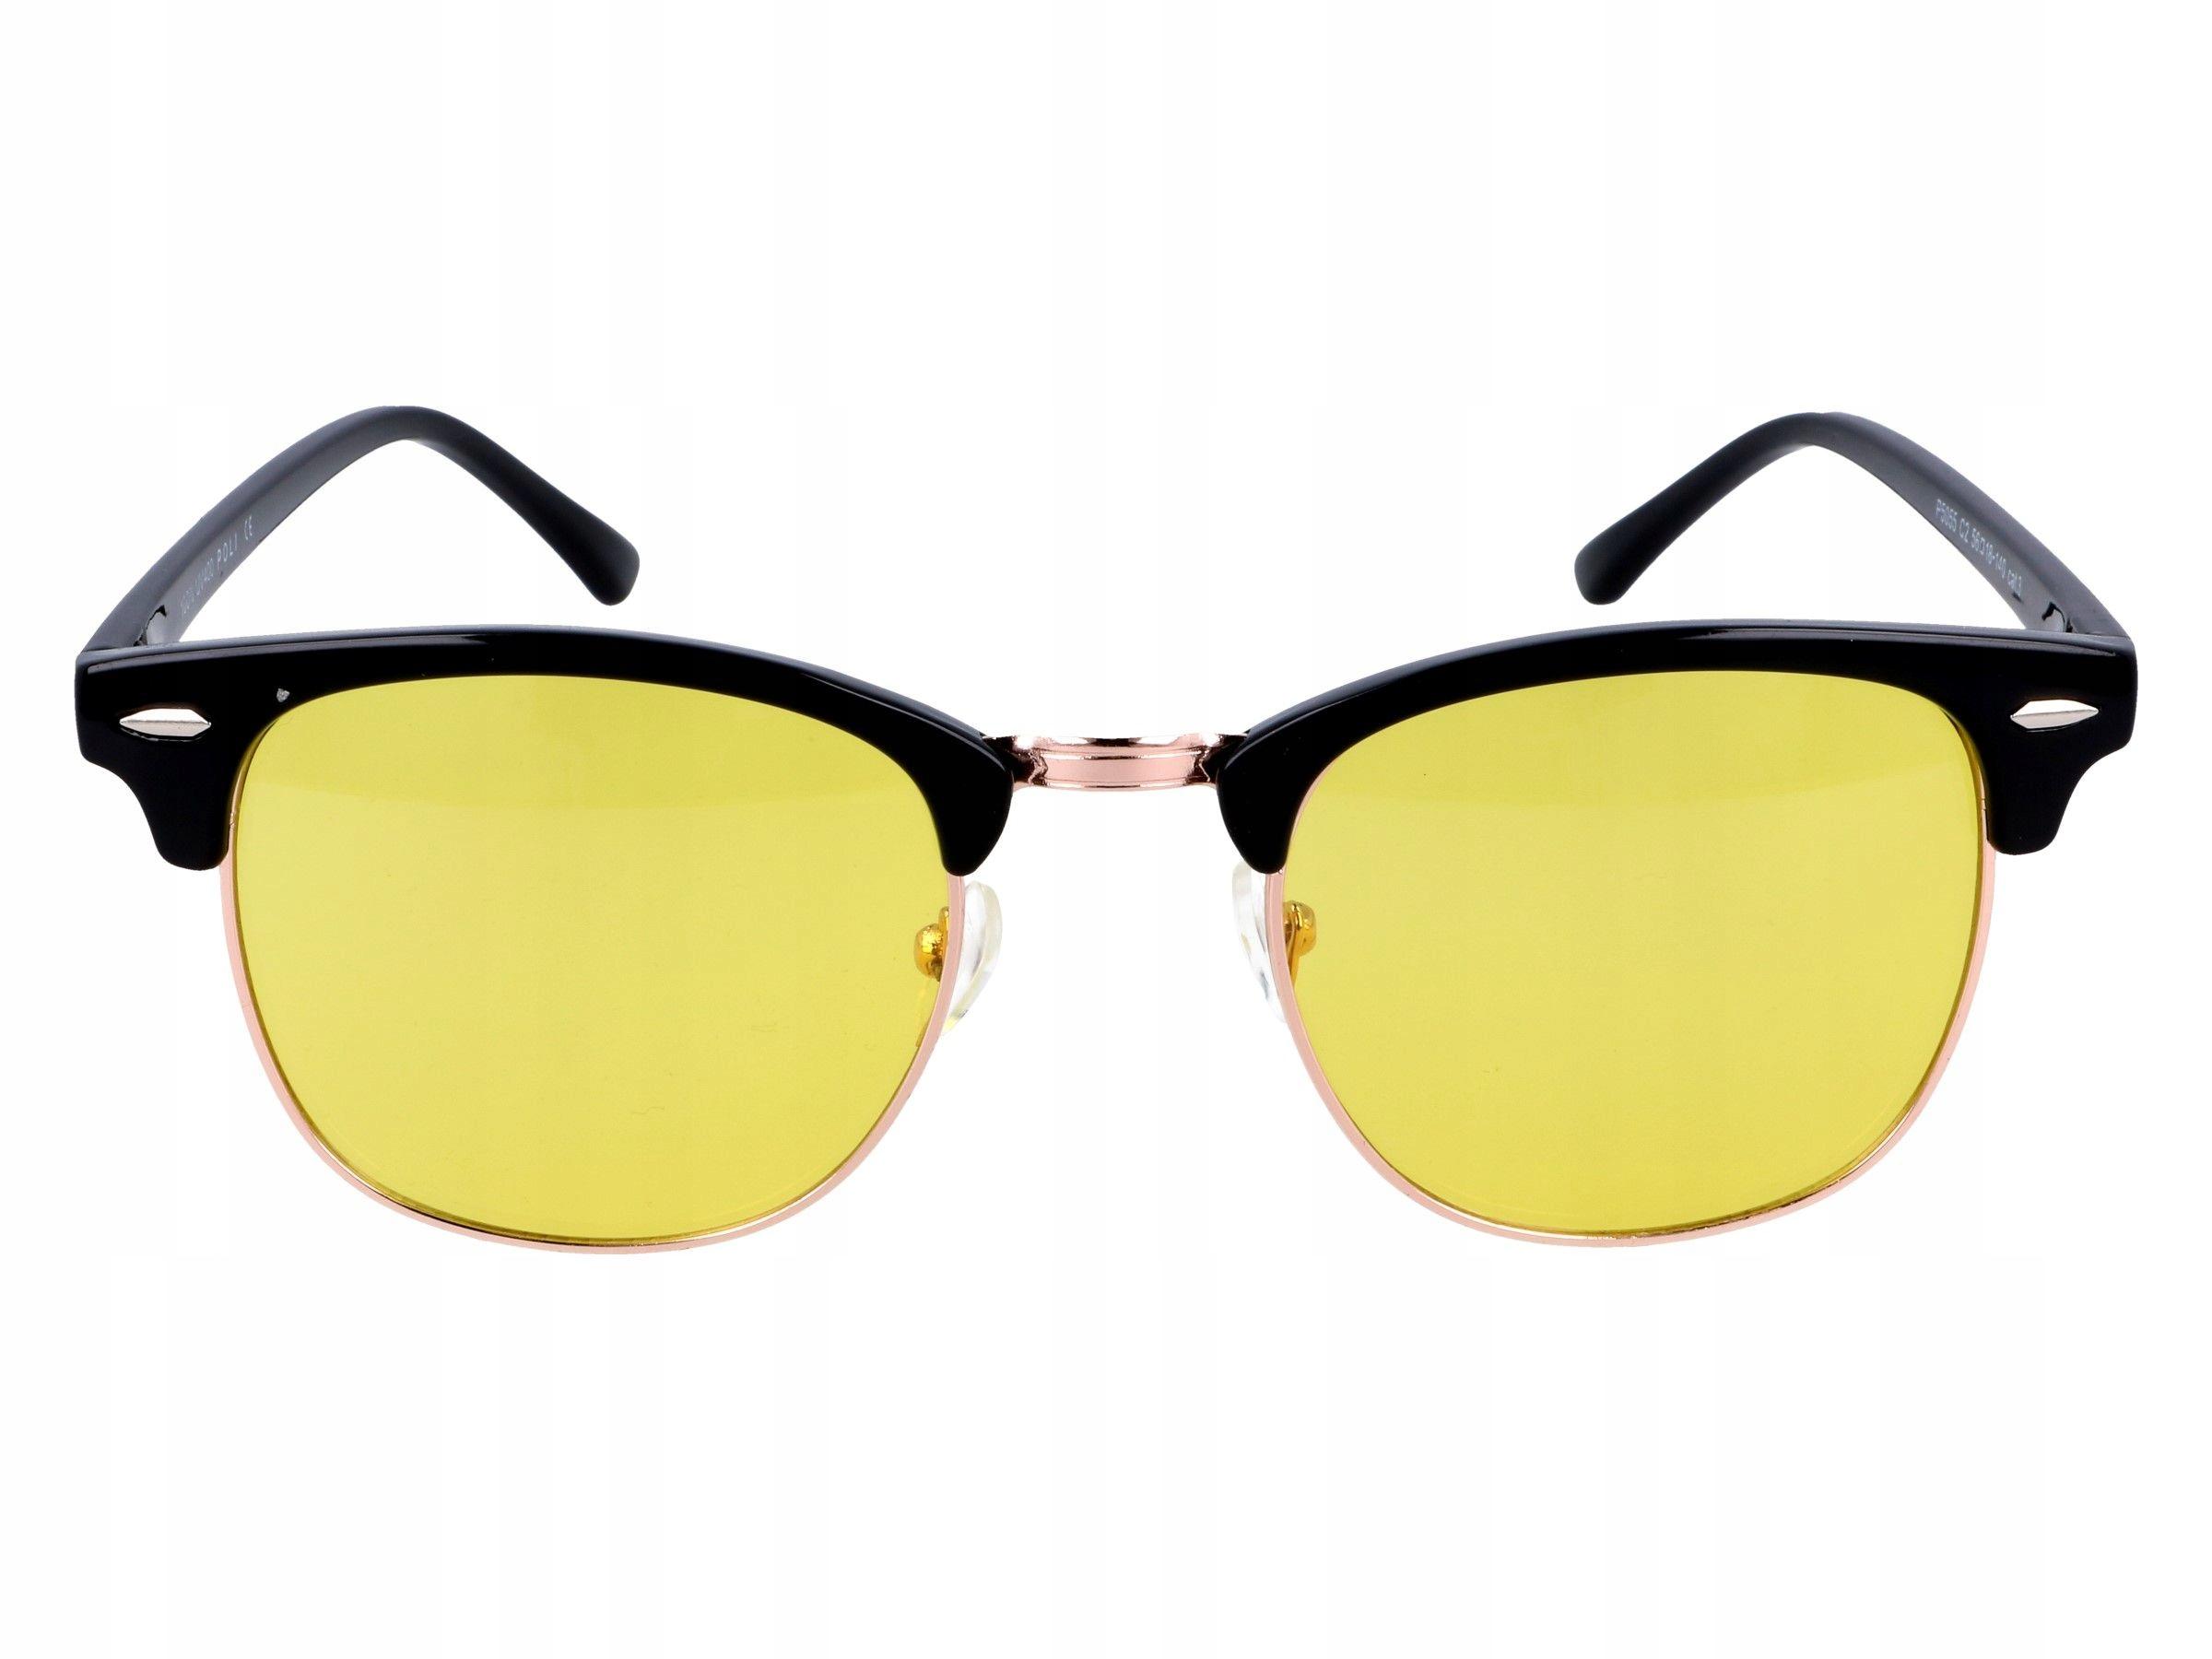 Okulary dla kierowcy rozjaśniające do jazdy nocą